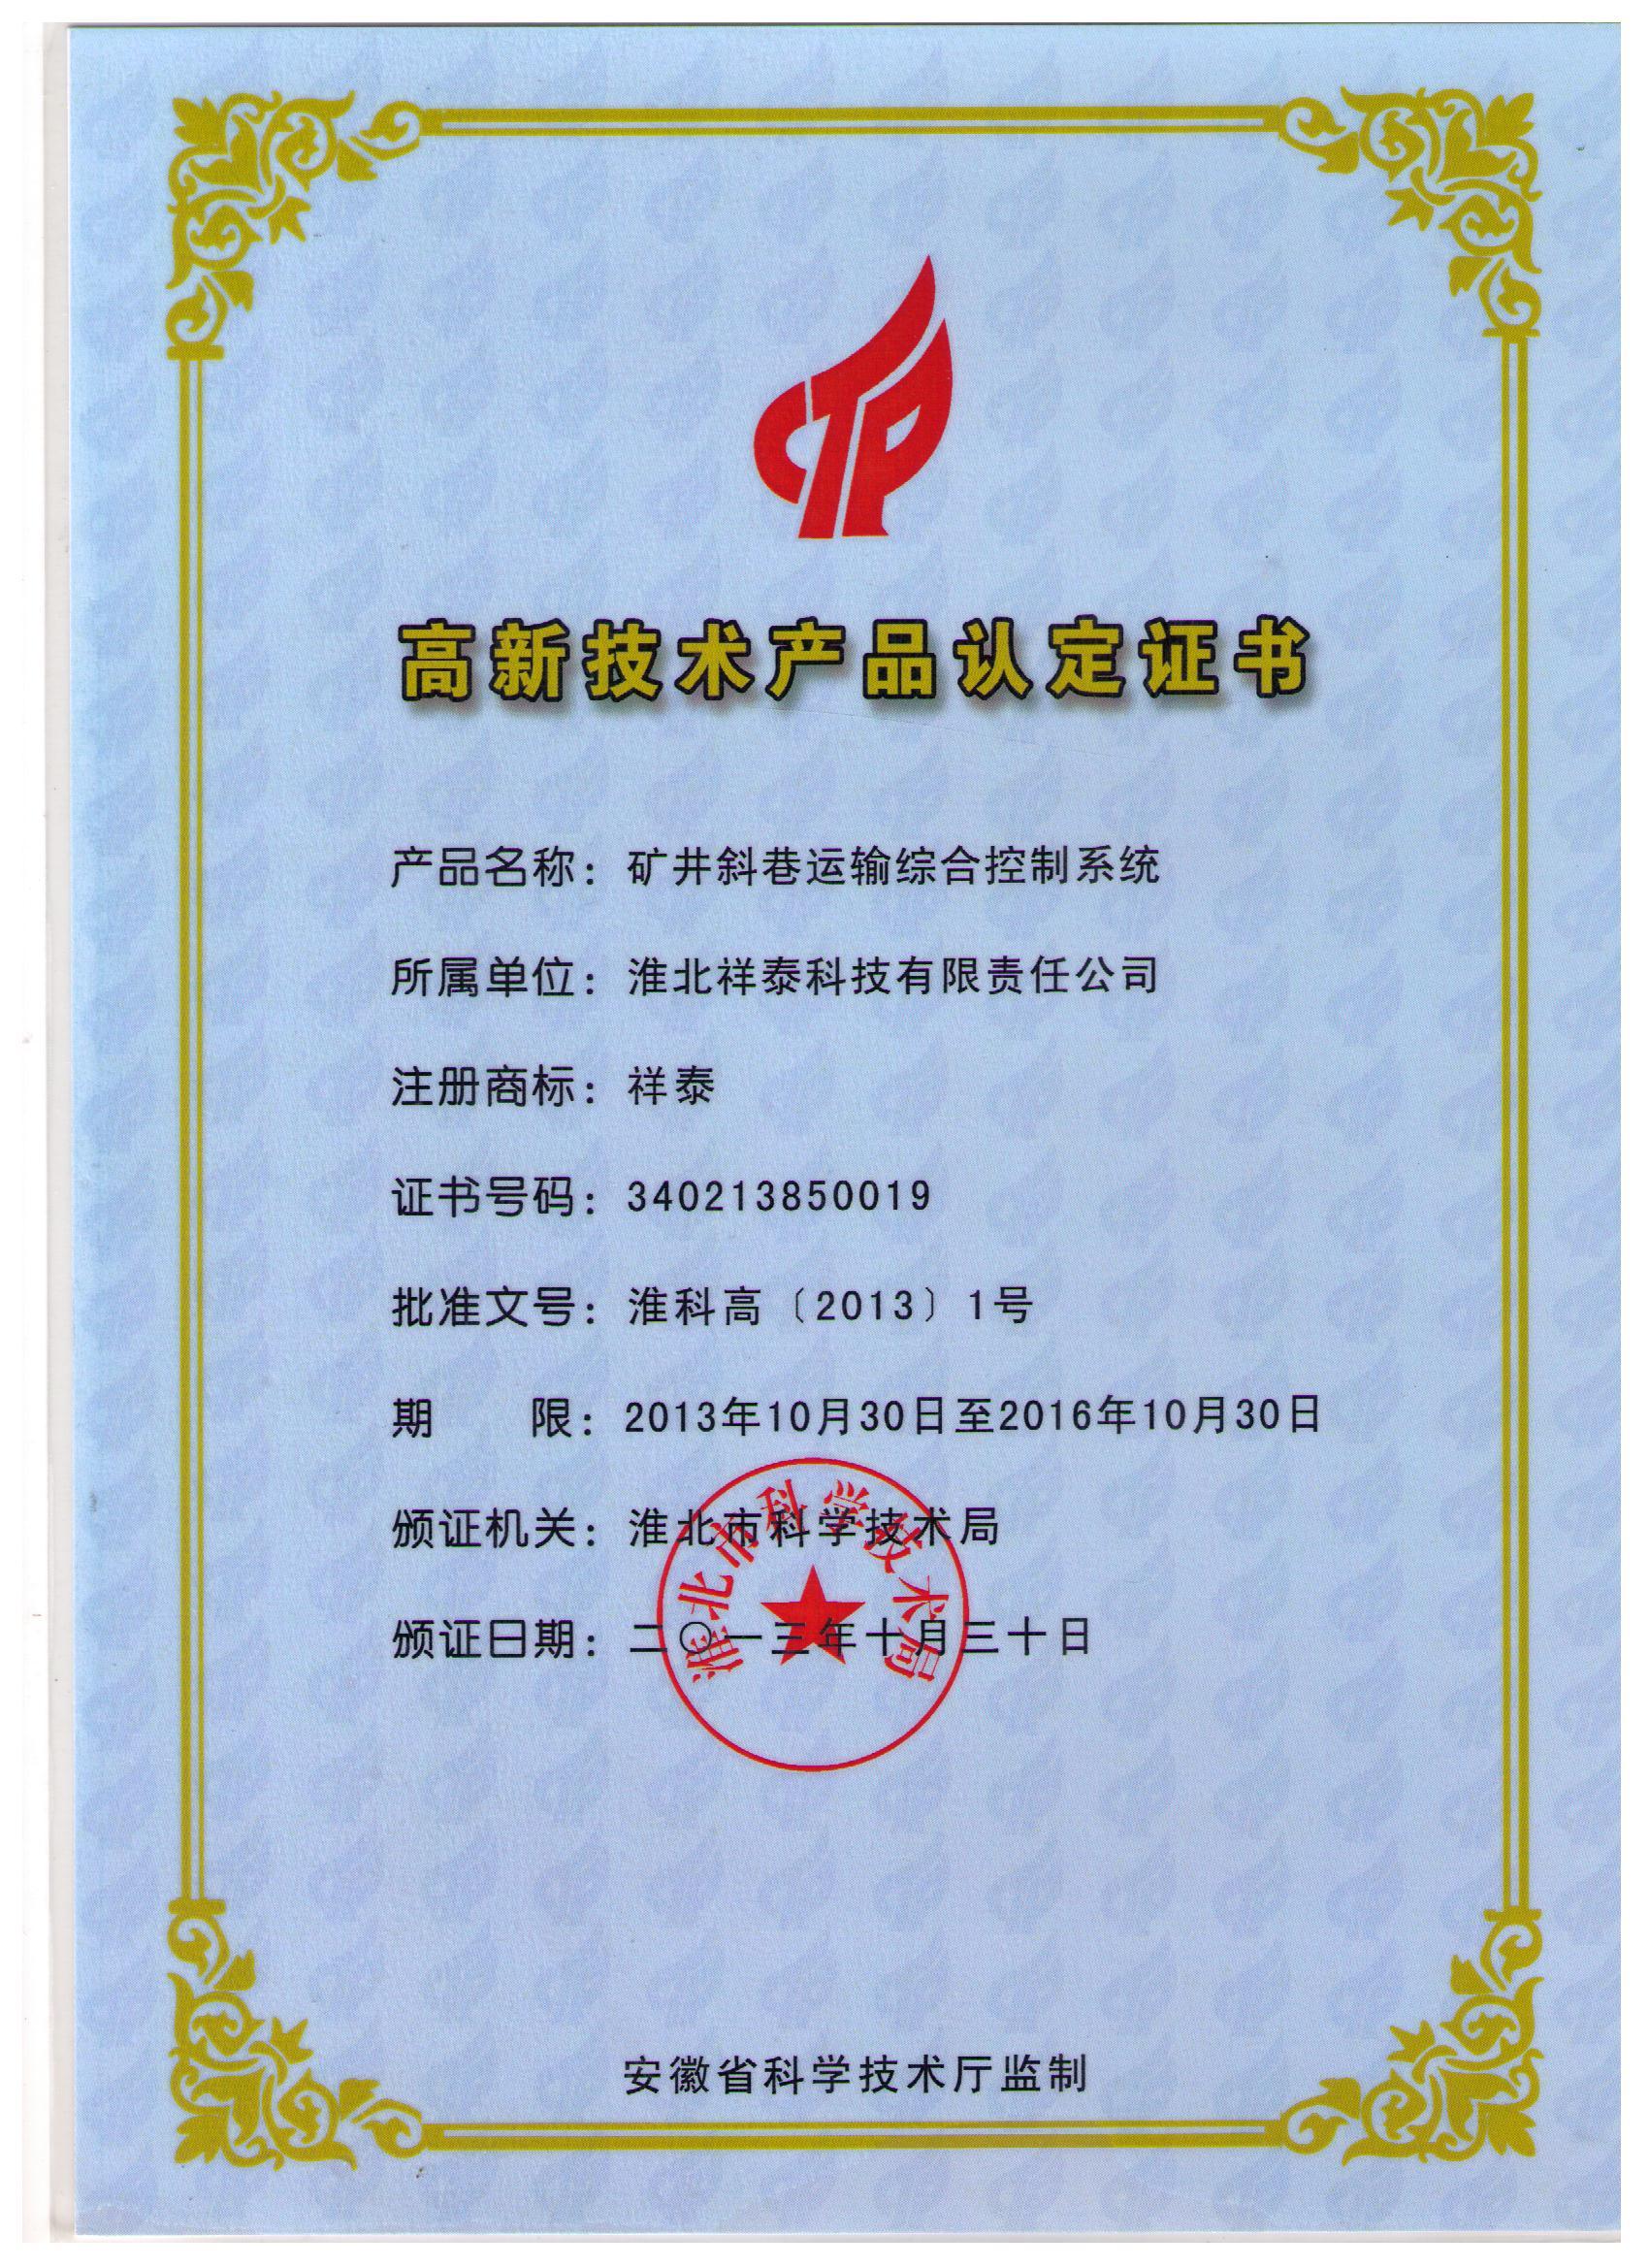 高新技术产业认定证书